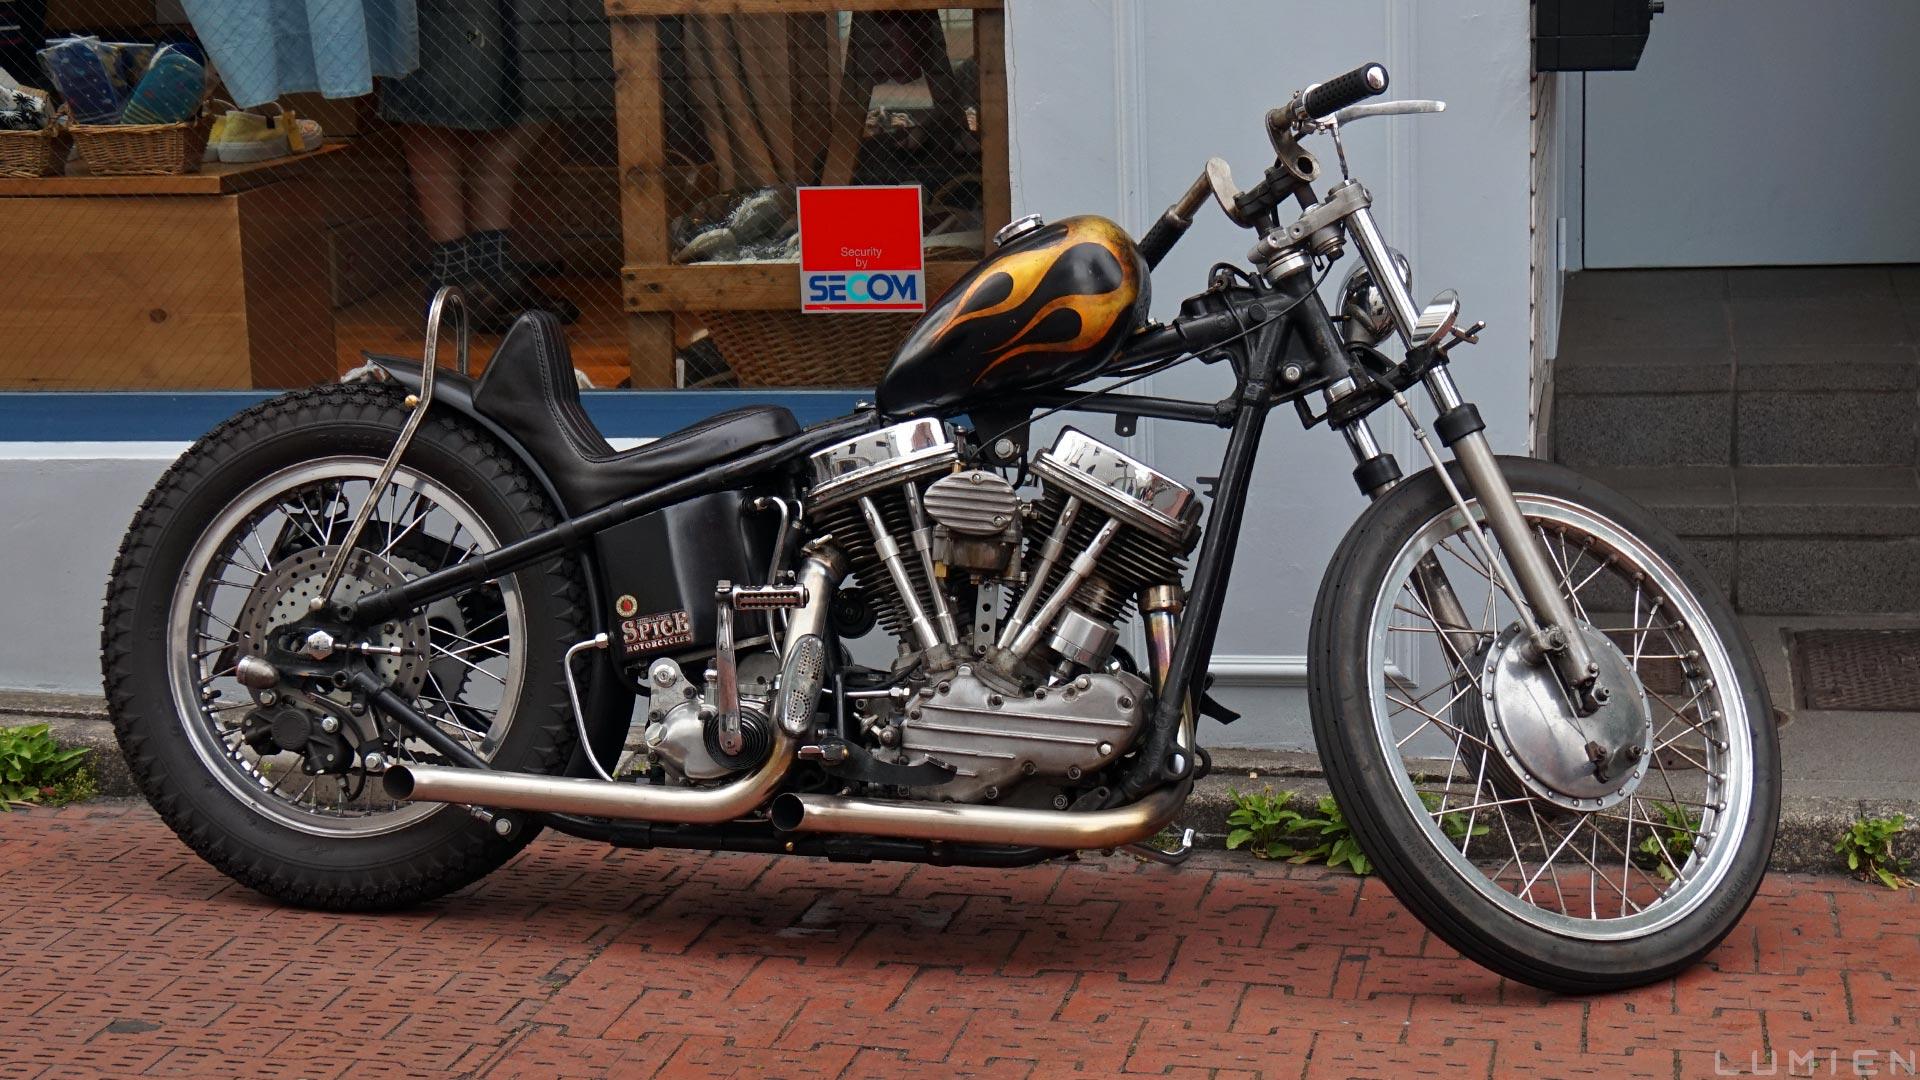 The biker culture